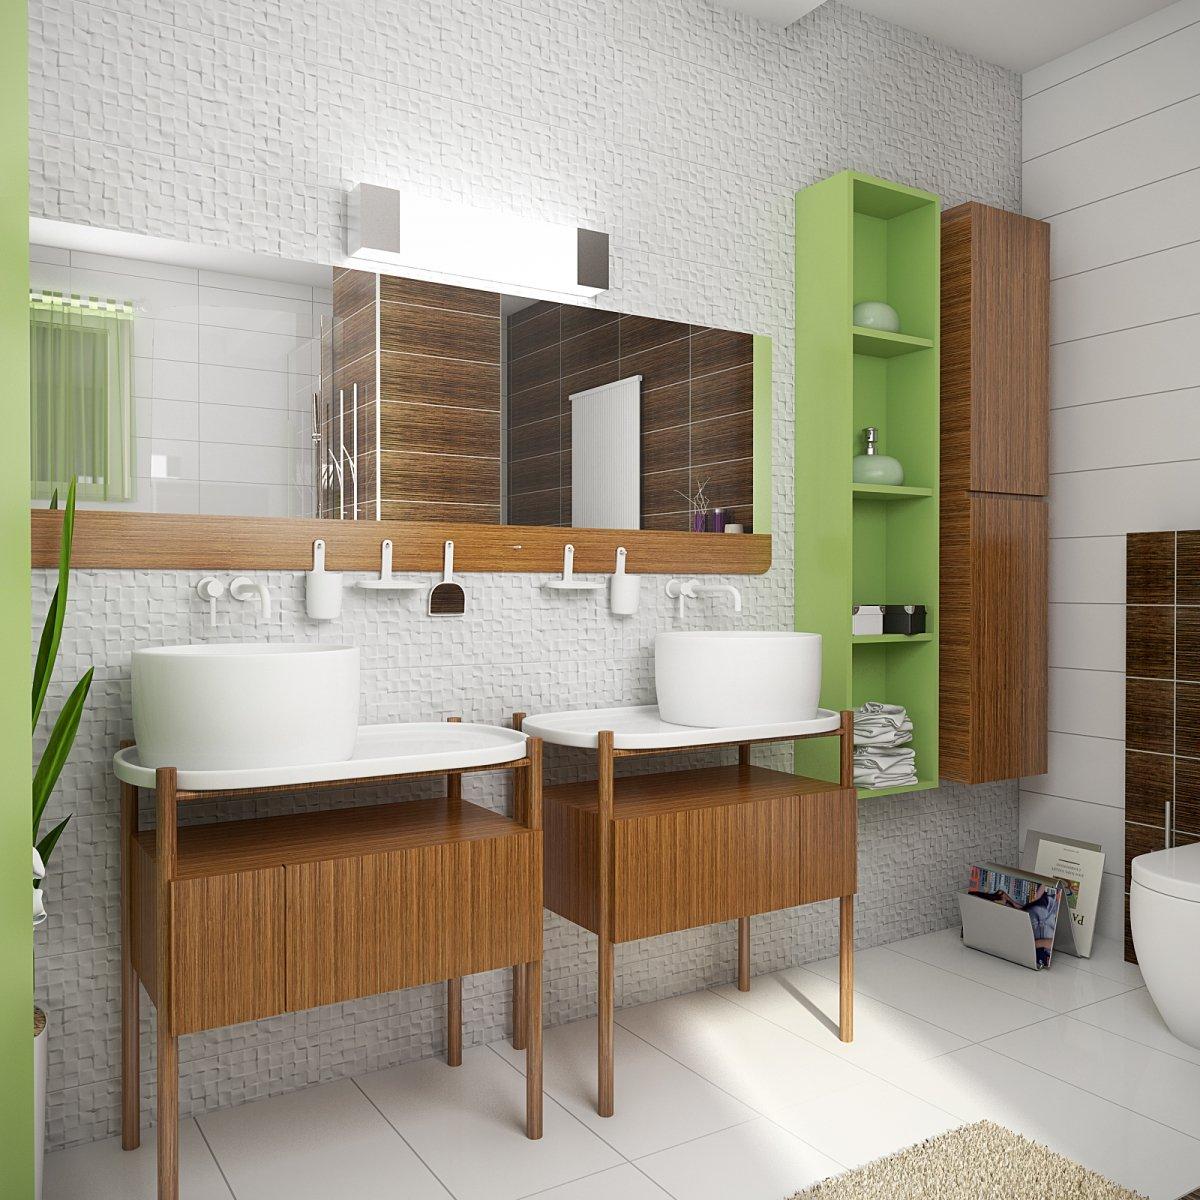 Amenajare interioara - Apartament la malul marii-33